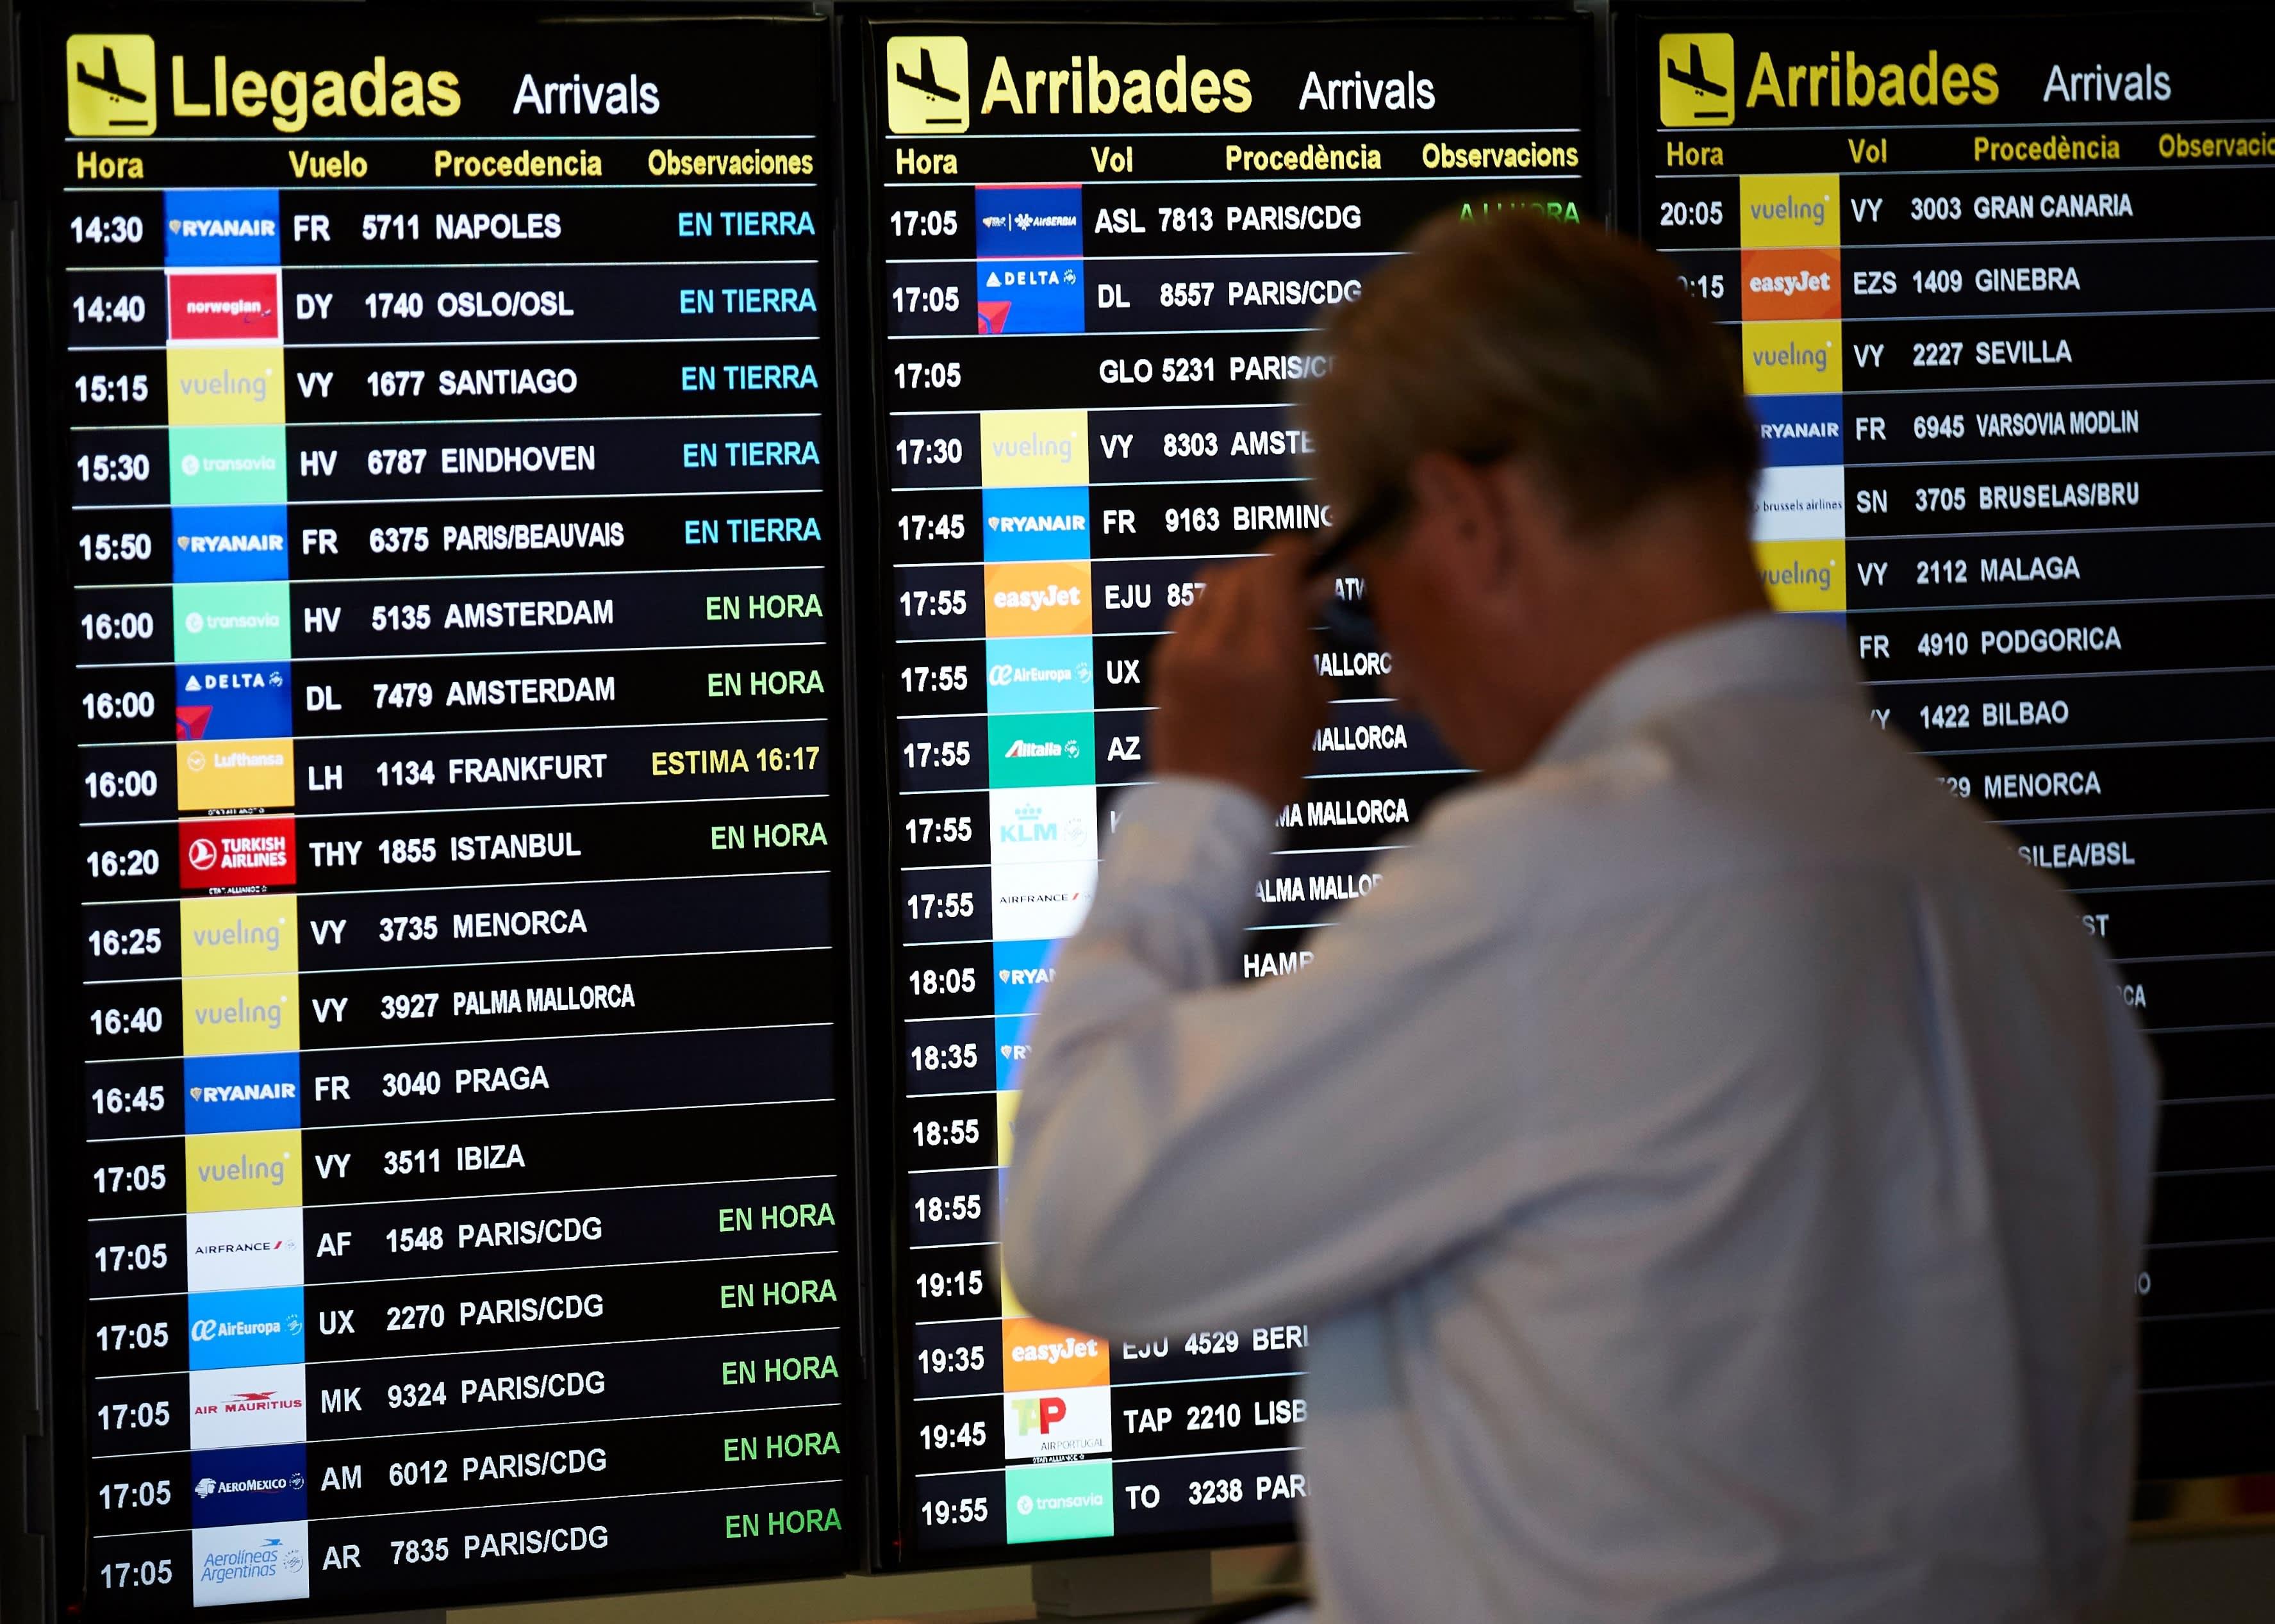 Matkustaja tarkasteli lentojen lähtölistaa Josep Tarradellasin lentoasemalla Barcelonassa Espanjassa 2. heinäkuuta 2020.